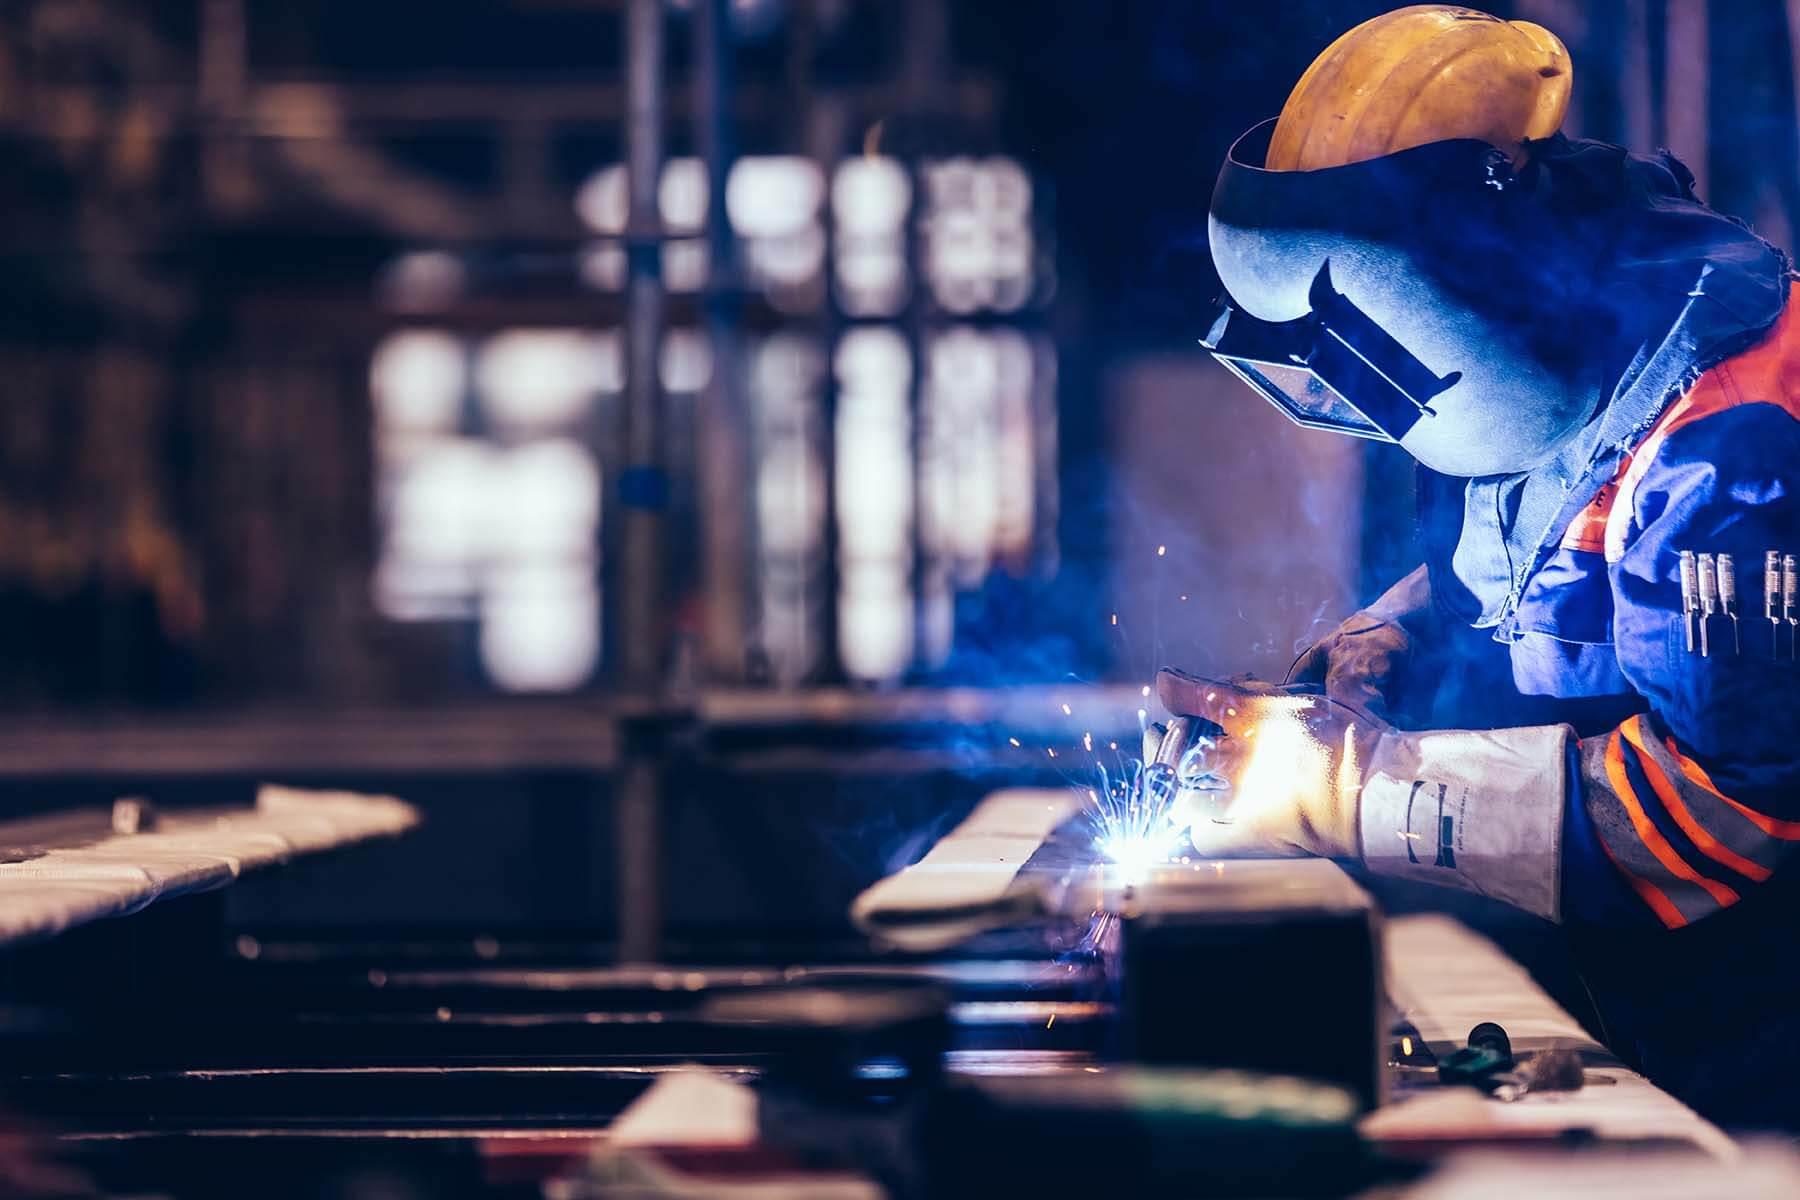 worker-welding-in-a-factory-CAK7CQ8-1.jpg